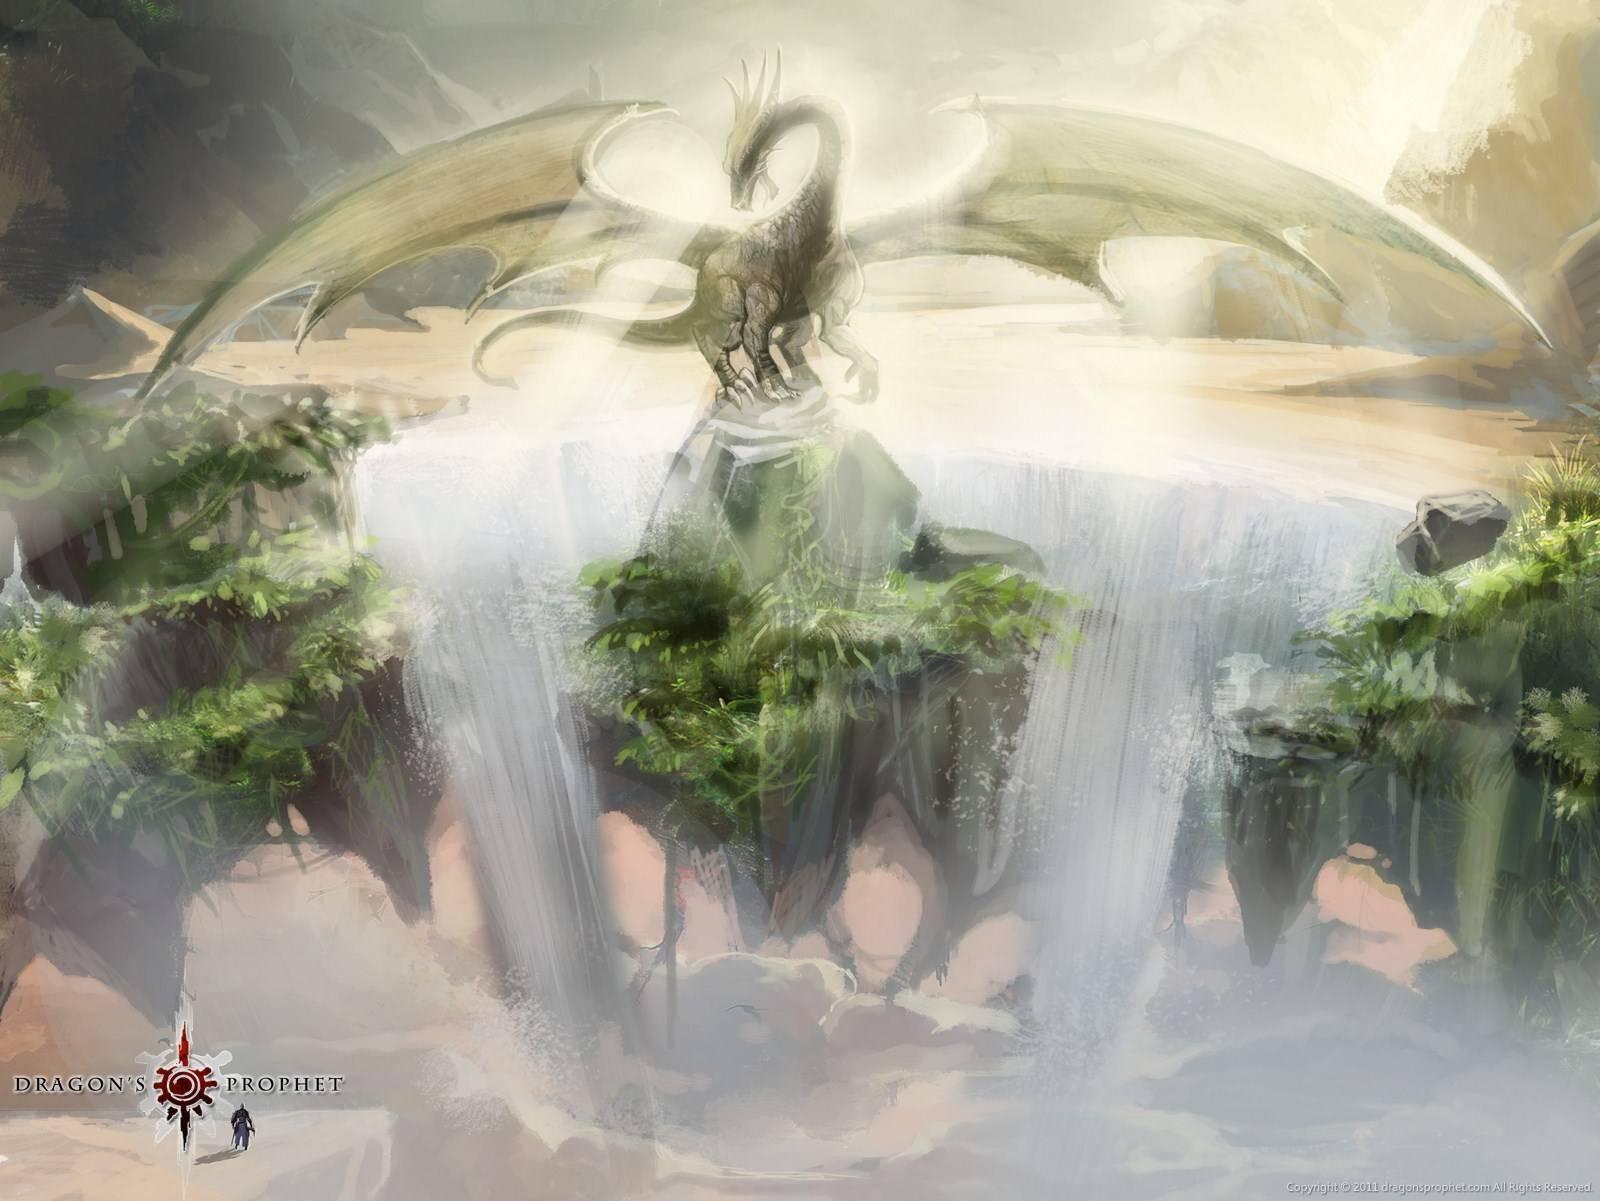 Imagenes de Dragon's Prophet